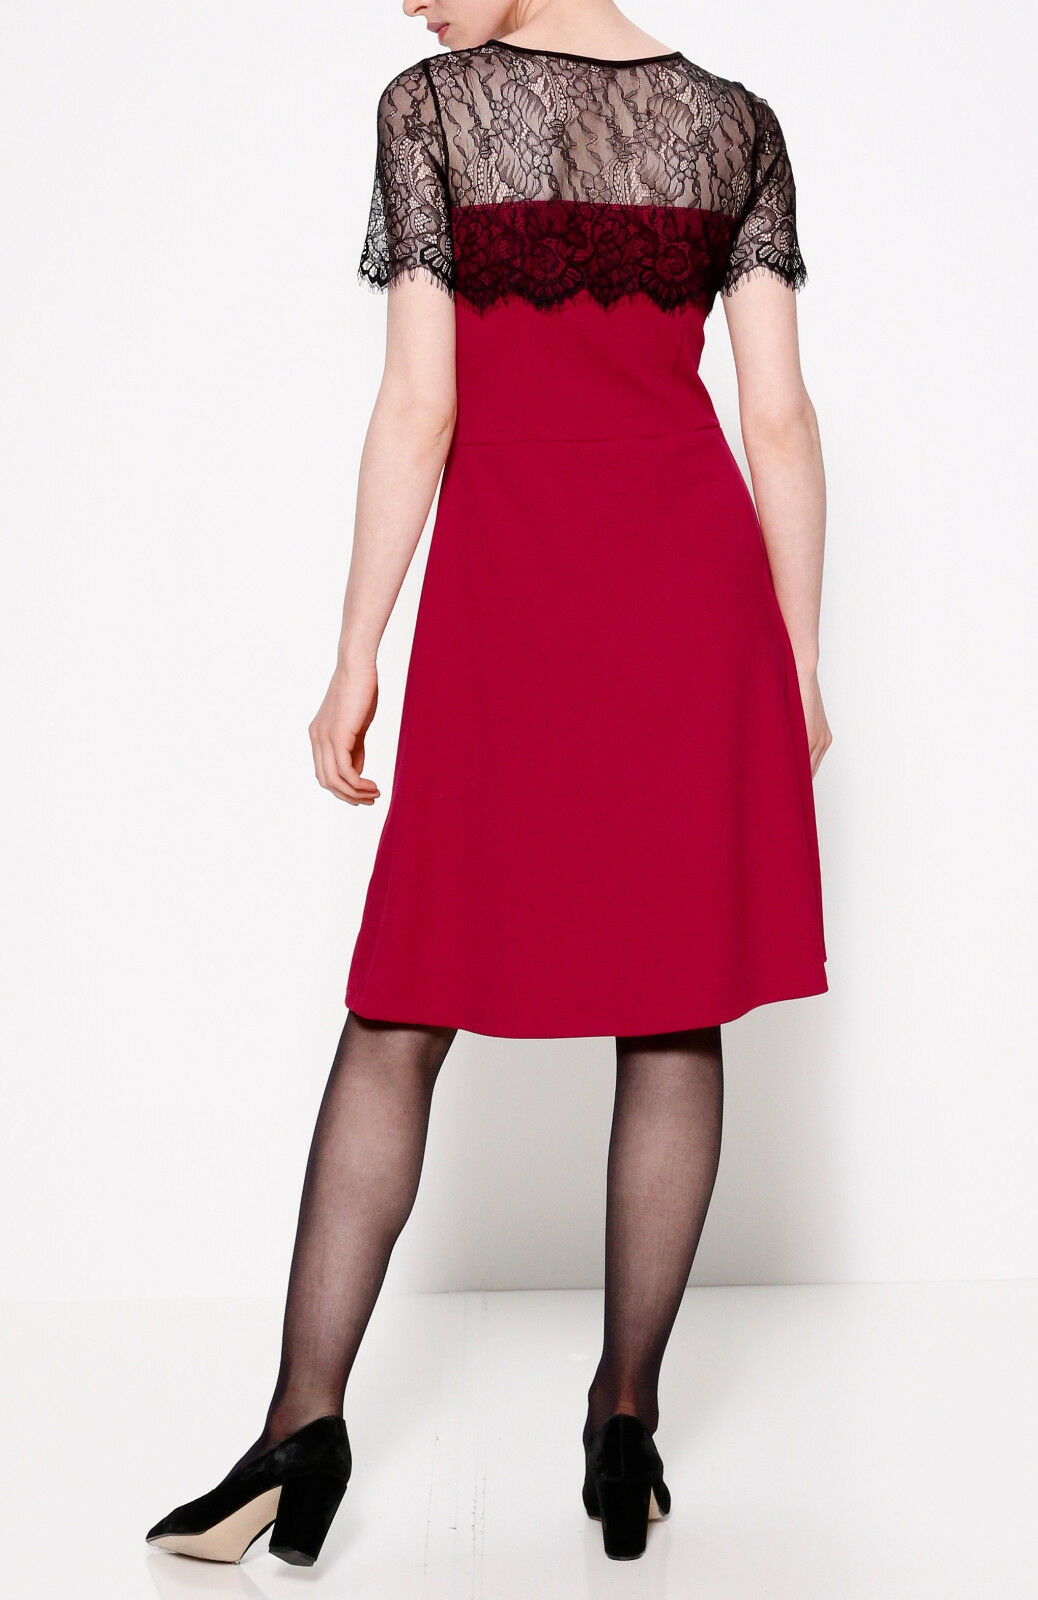 Marken Kleid red-black mit durchscheinender Spitze Gr. 46  0518188052 0518188052 0518188052 fa8c62